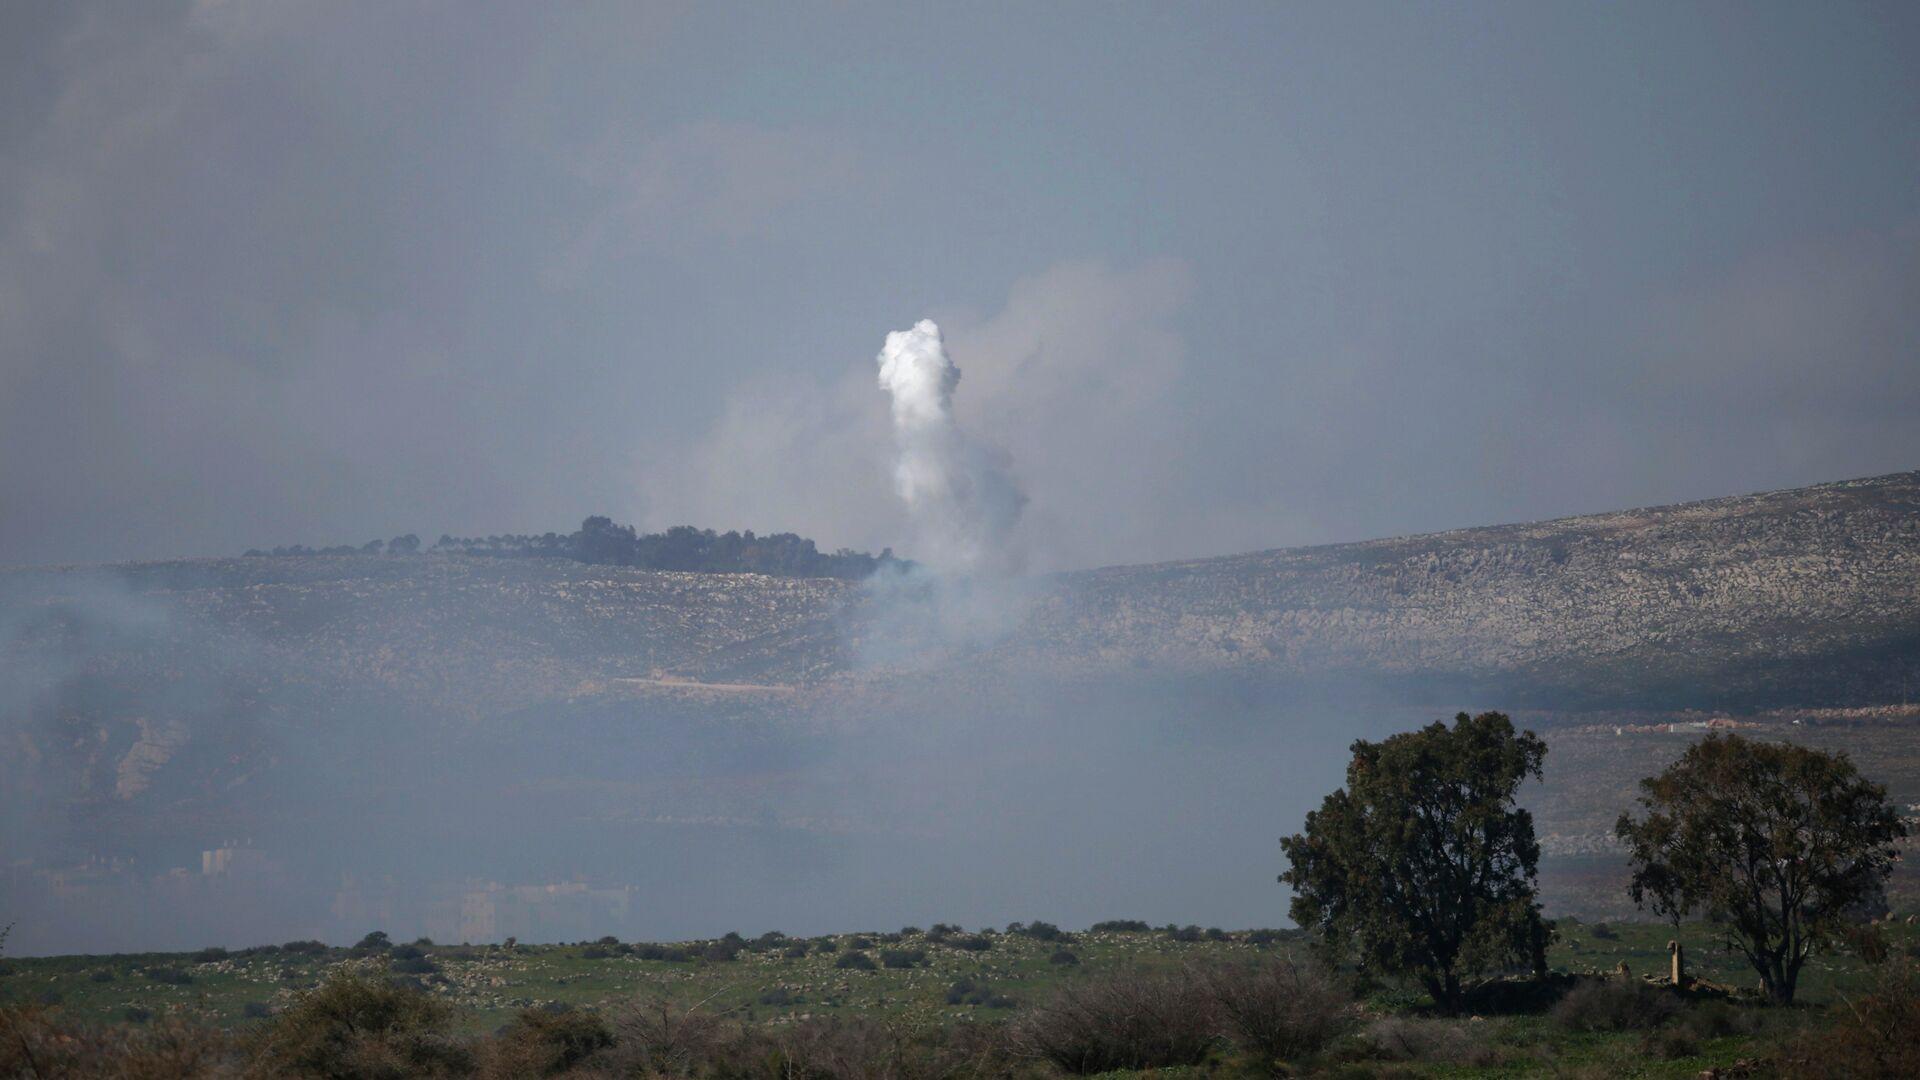 Ataque a una columna militar israelí en la frontera entre Líbano y Israel (archivo) - Sputnik Mundo, 1920, 04.08.2021